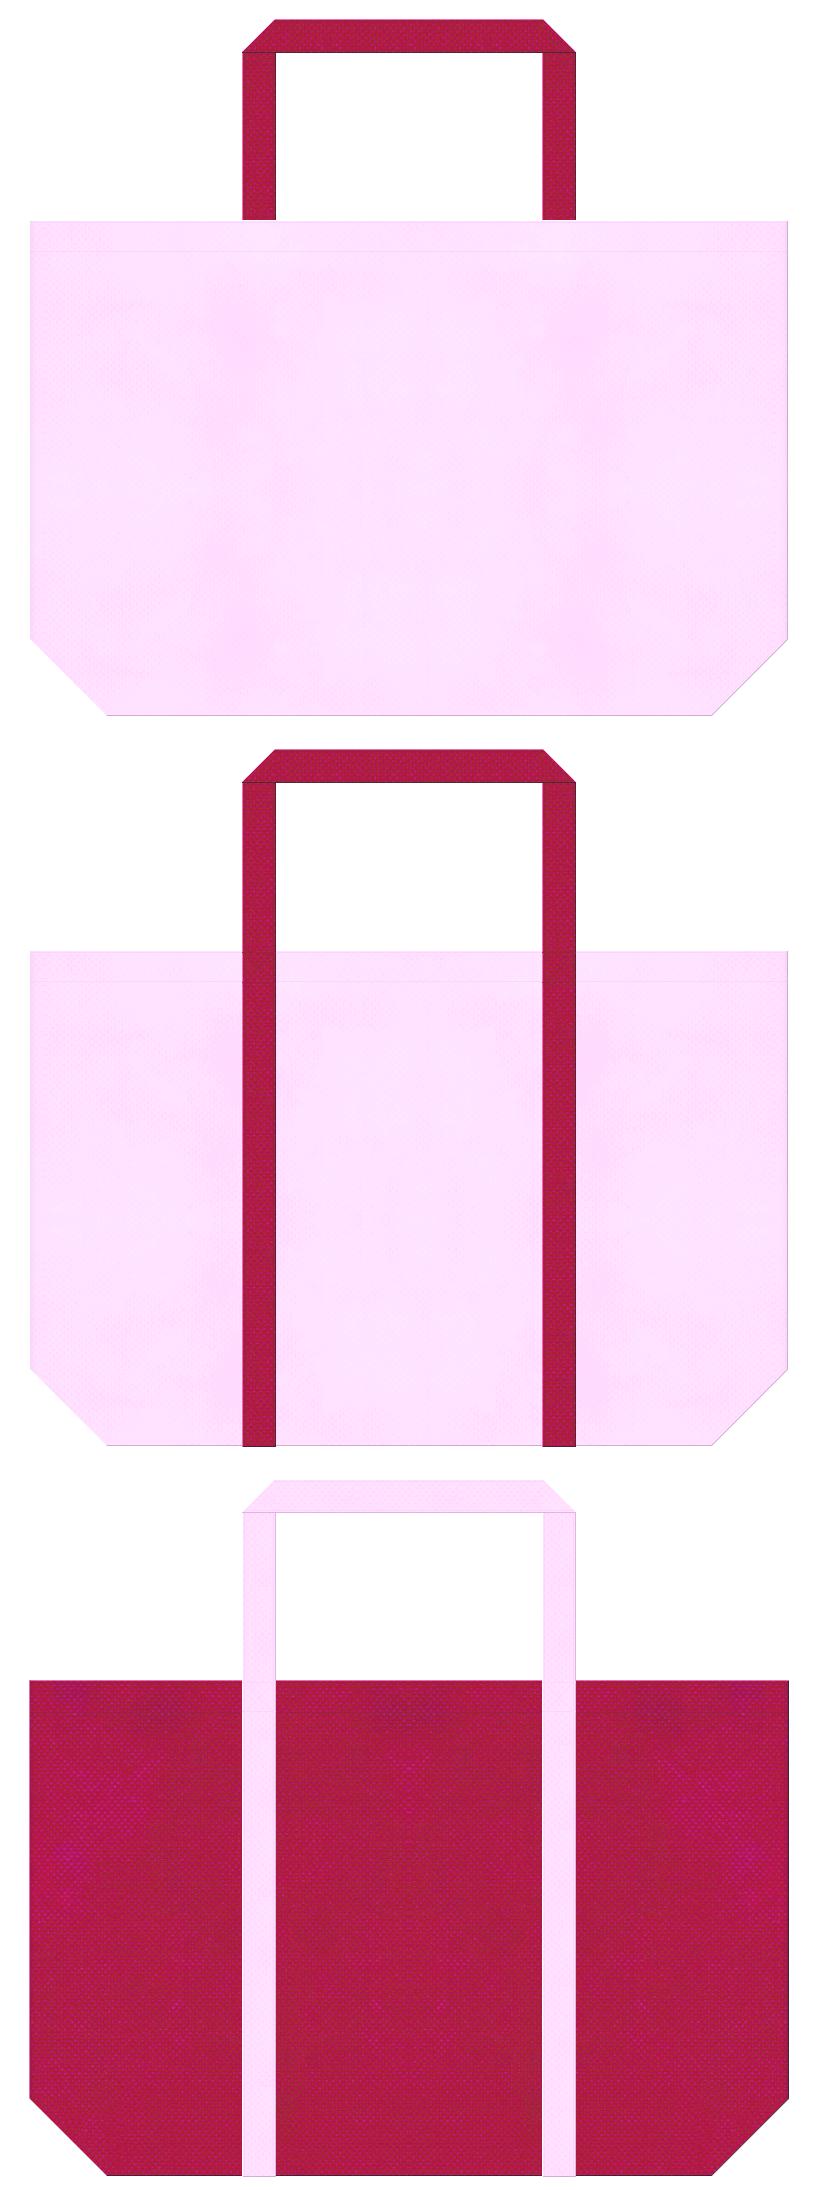 医療・和風催事・いちご・桜・花束・マーメイド・プリティー・ピエロ・女王様・プリンセス・ガーリーデザインにお奨めの不織布バッグデザイン:明るいピンク色と濃いピンク色のコーデ